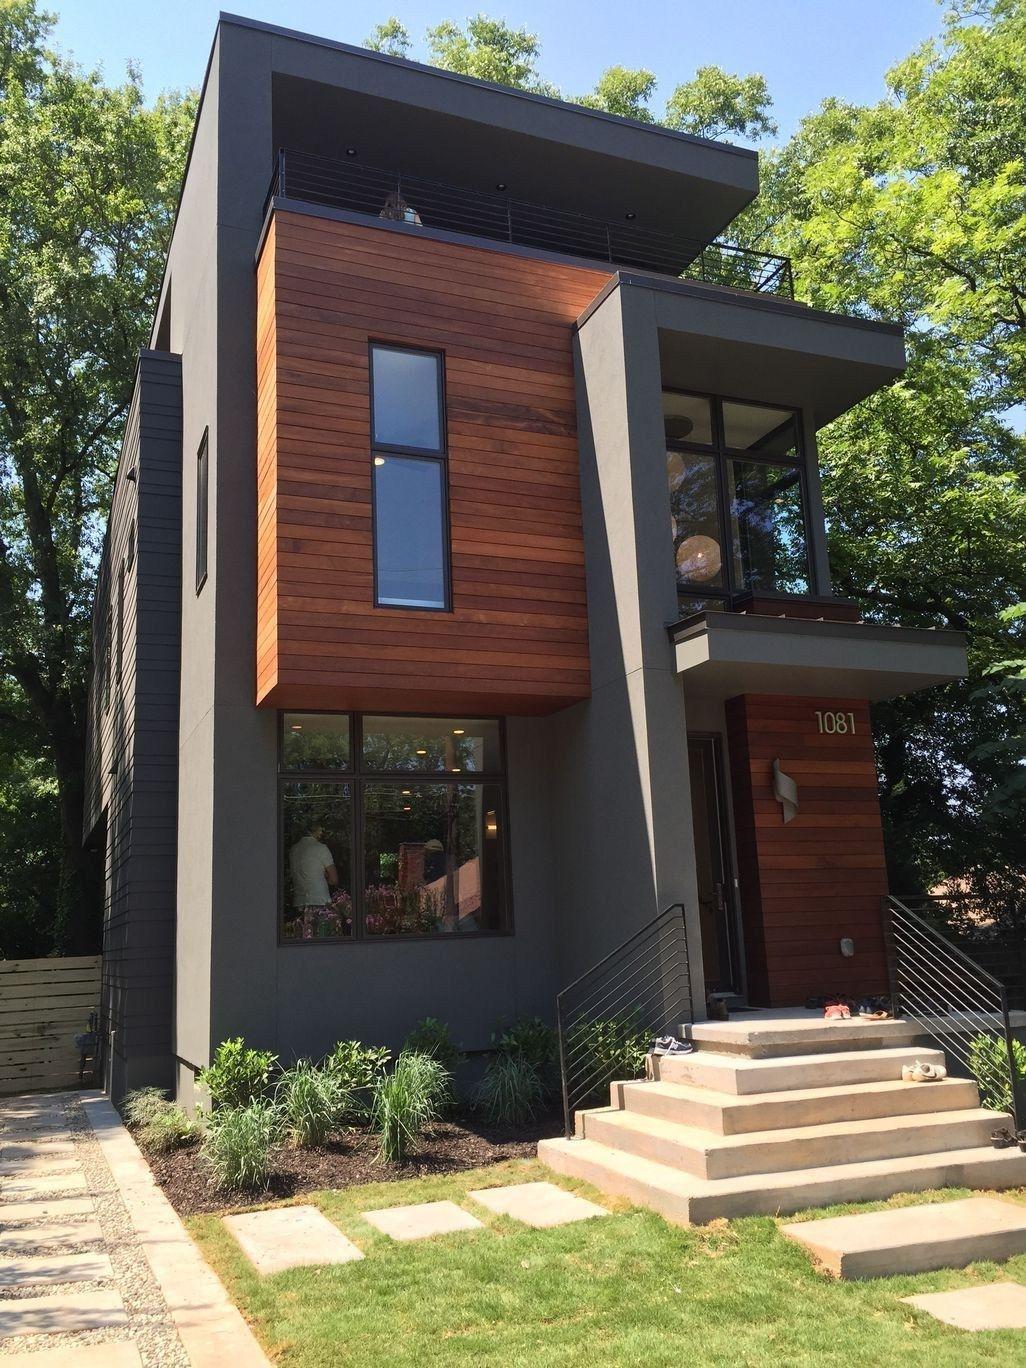 Elegant And Cozy Home Desain Ideas 28 Tiny House Exterior Facade House Contemporary House Design